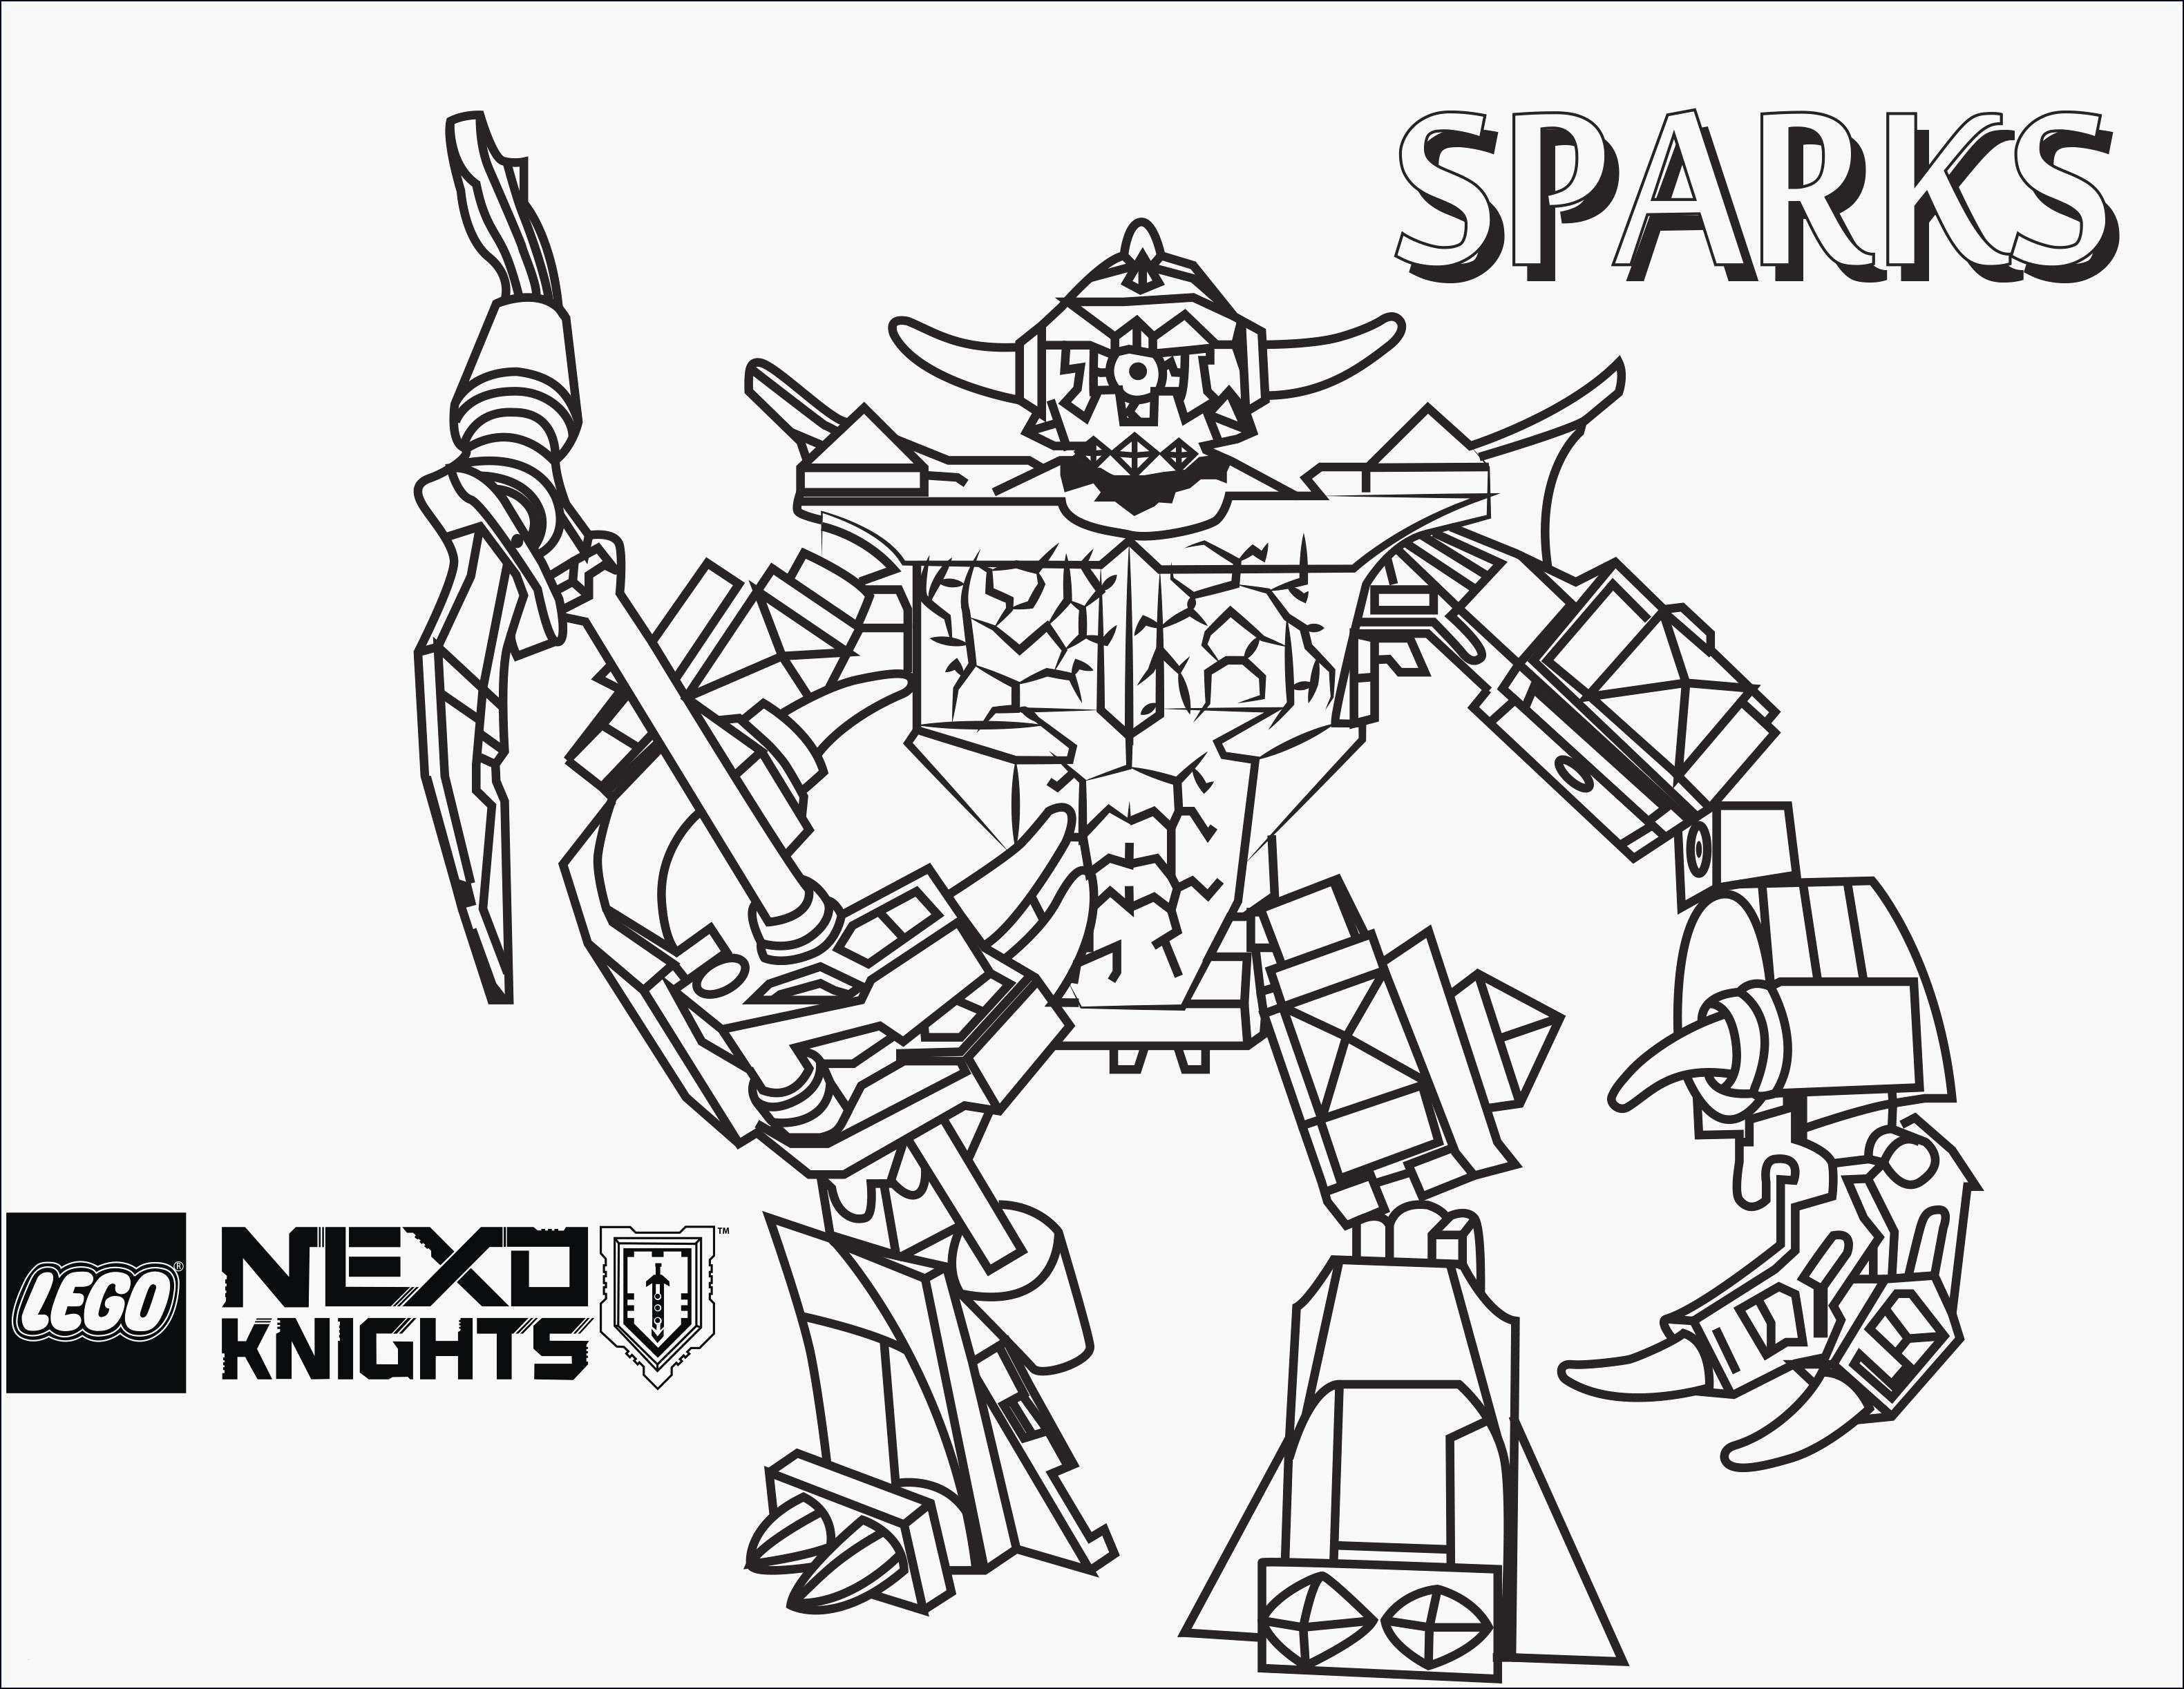 Spiderman Bilder Zum Ausmalen Genial Ausmalbilder Lego Spiderman Gemälde Malvorlagen Igel Best Igel Das Bild